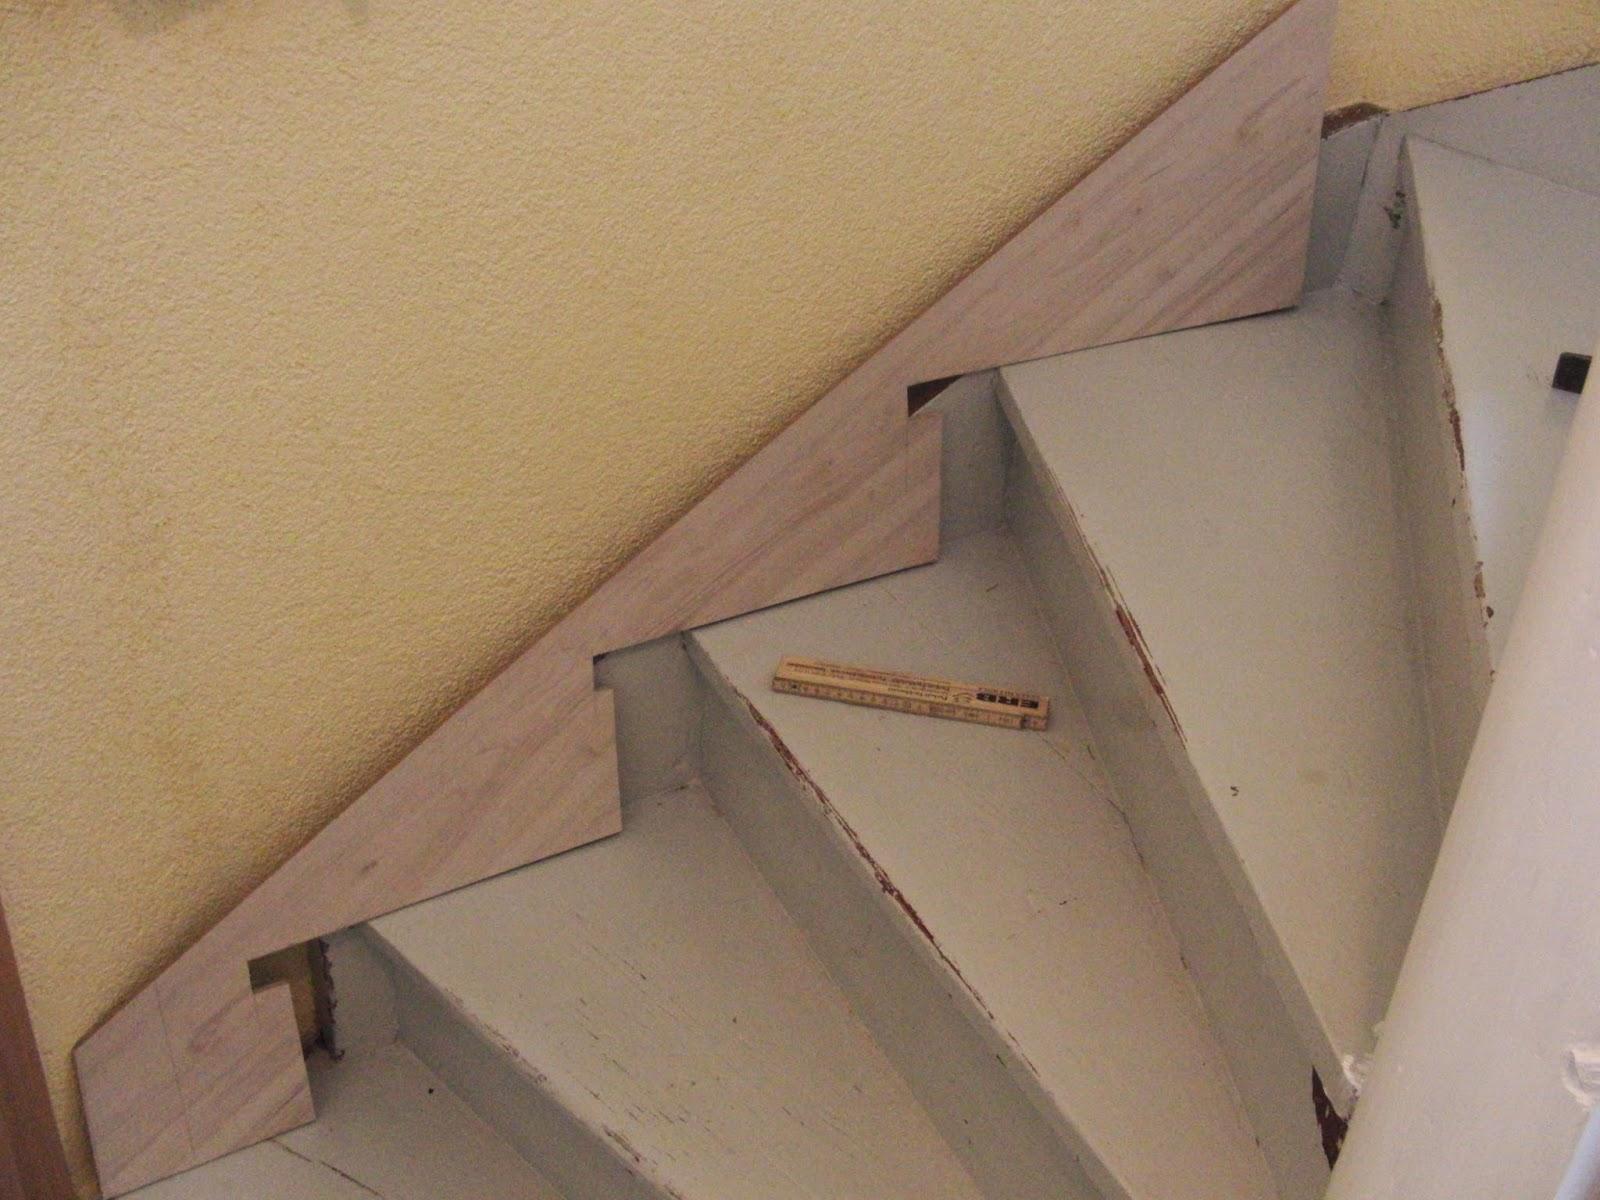 Treppengeländer Verkleiden h k treppenrenovierung treppenwange verkleiden so wird s gemacht